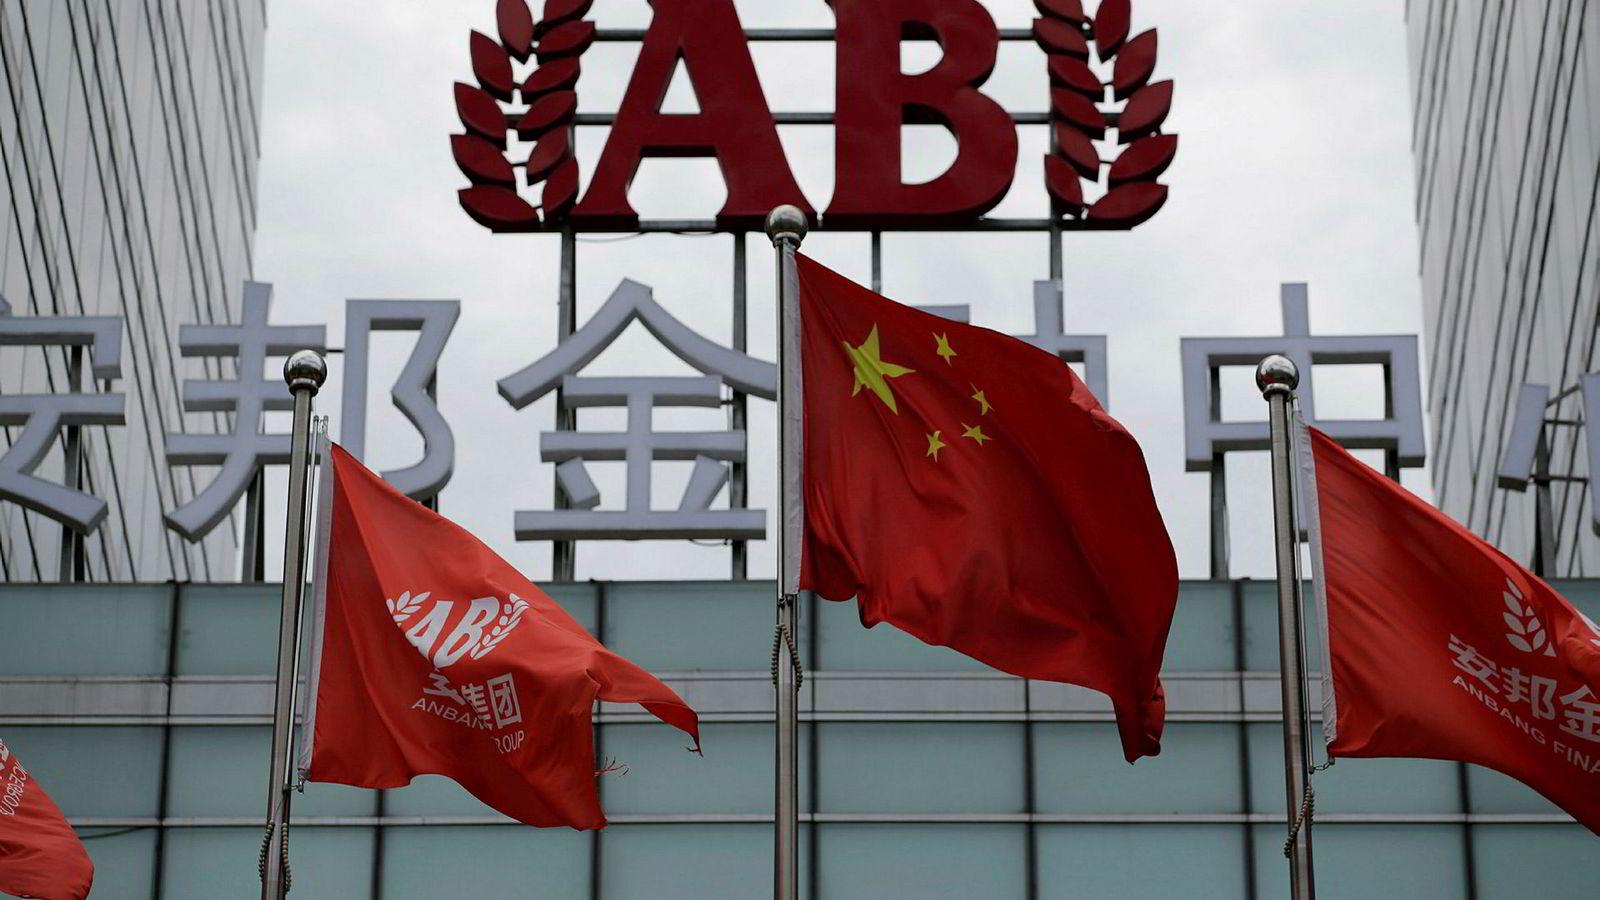 Det kinesiske forsikringsselskapet Anbang Insurance Group kjøpte hva de kom over av hoteller, eiendom og vestlige teknologiselskaper. Nå er festen slutt. Kinesiske oppkjøp og investeringer i vestlige land stupte i 2018.